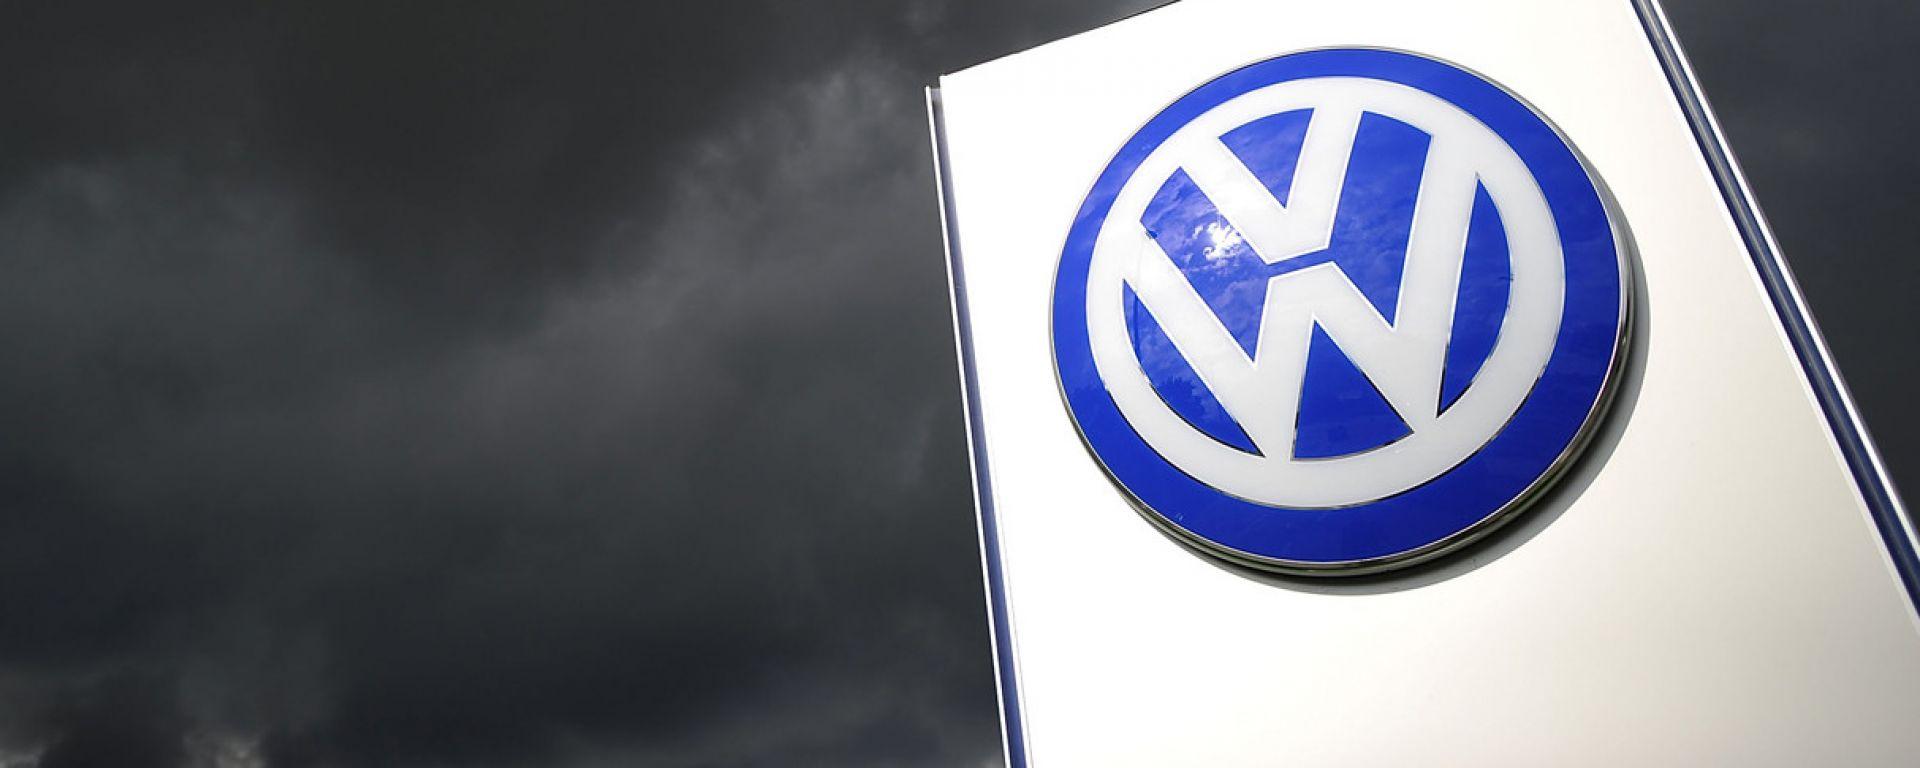 Costruttori auto, nel 2018 il Gruppo Volkswagen torna in testa